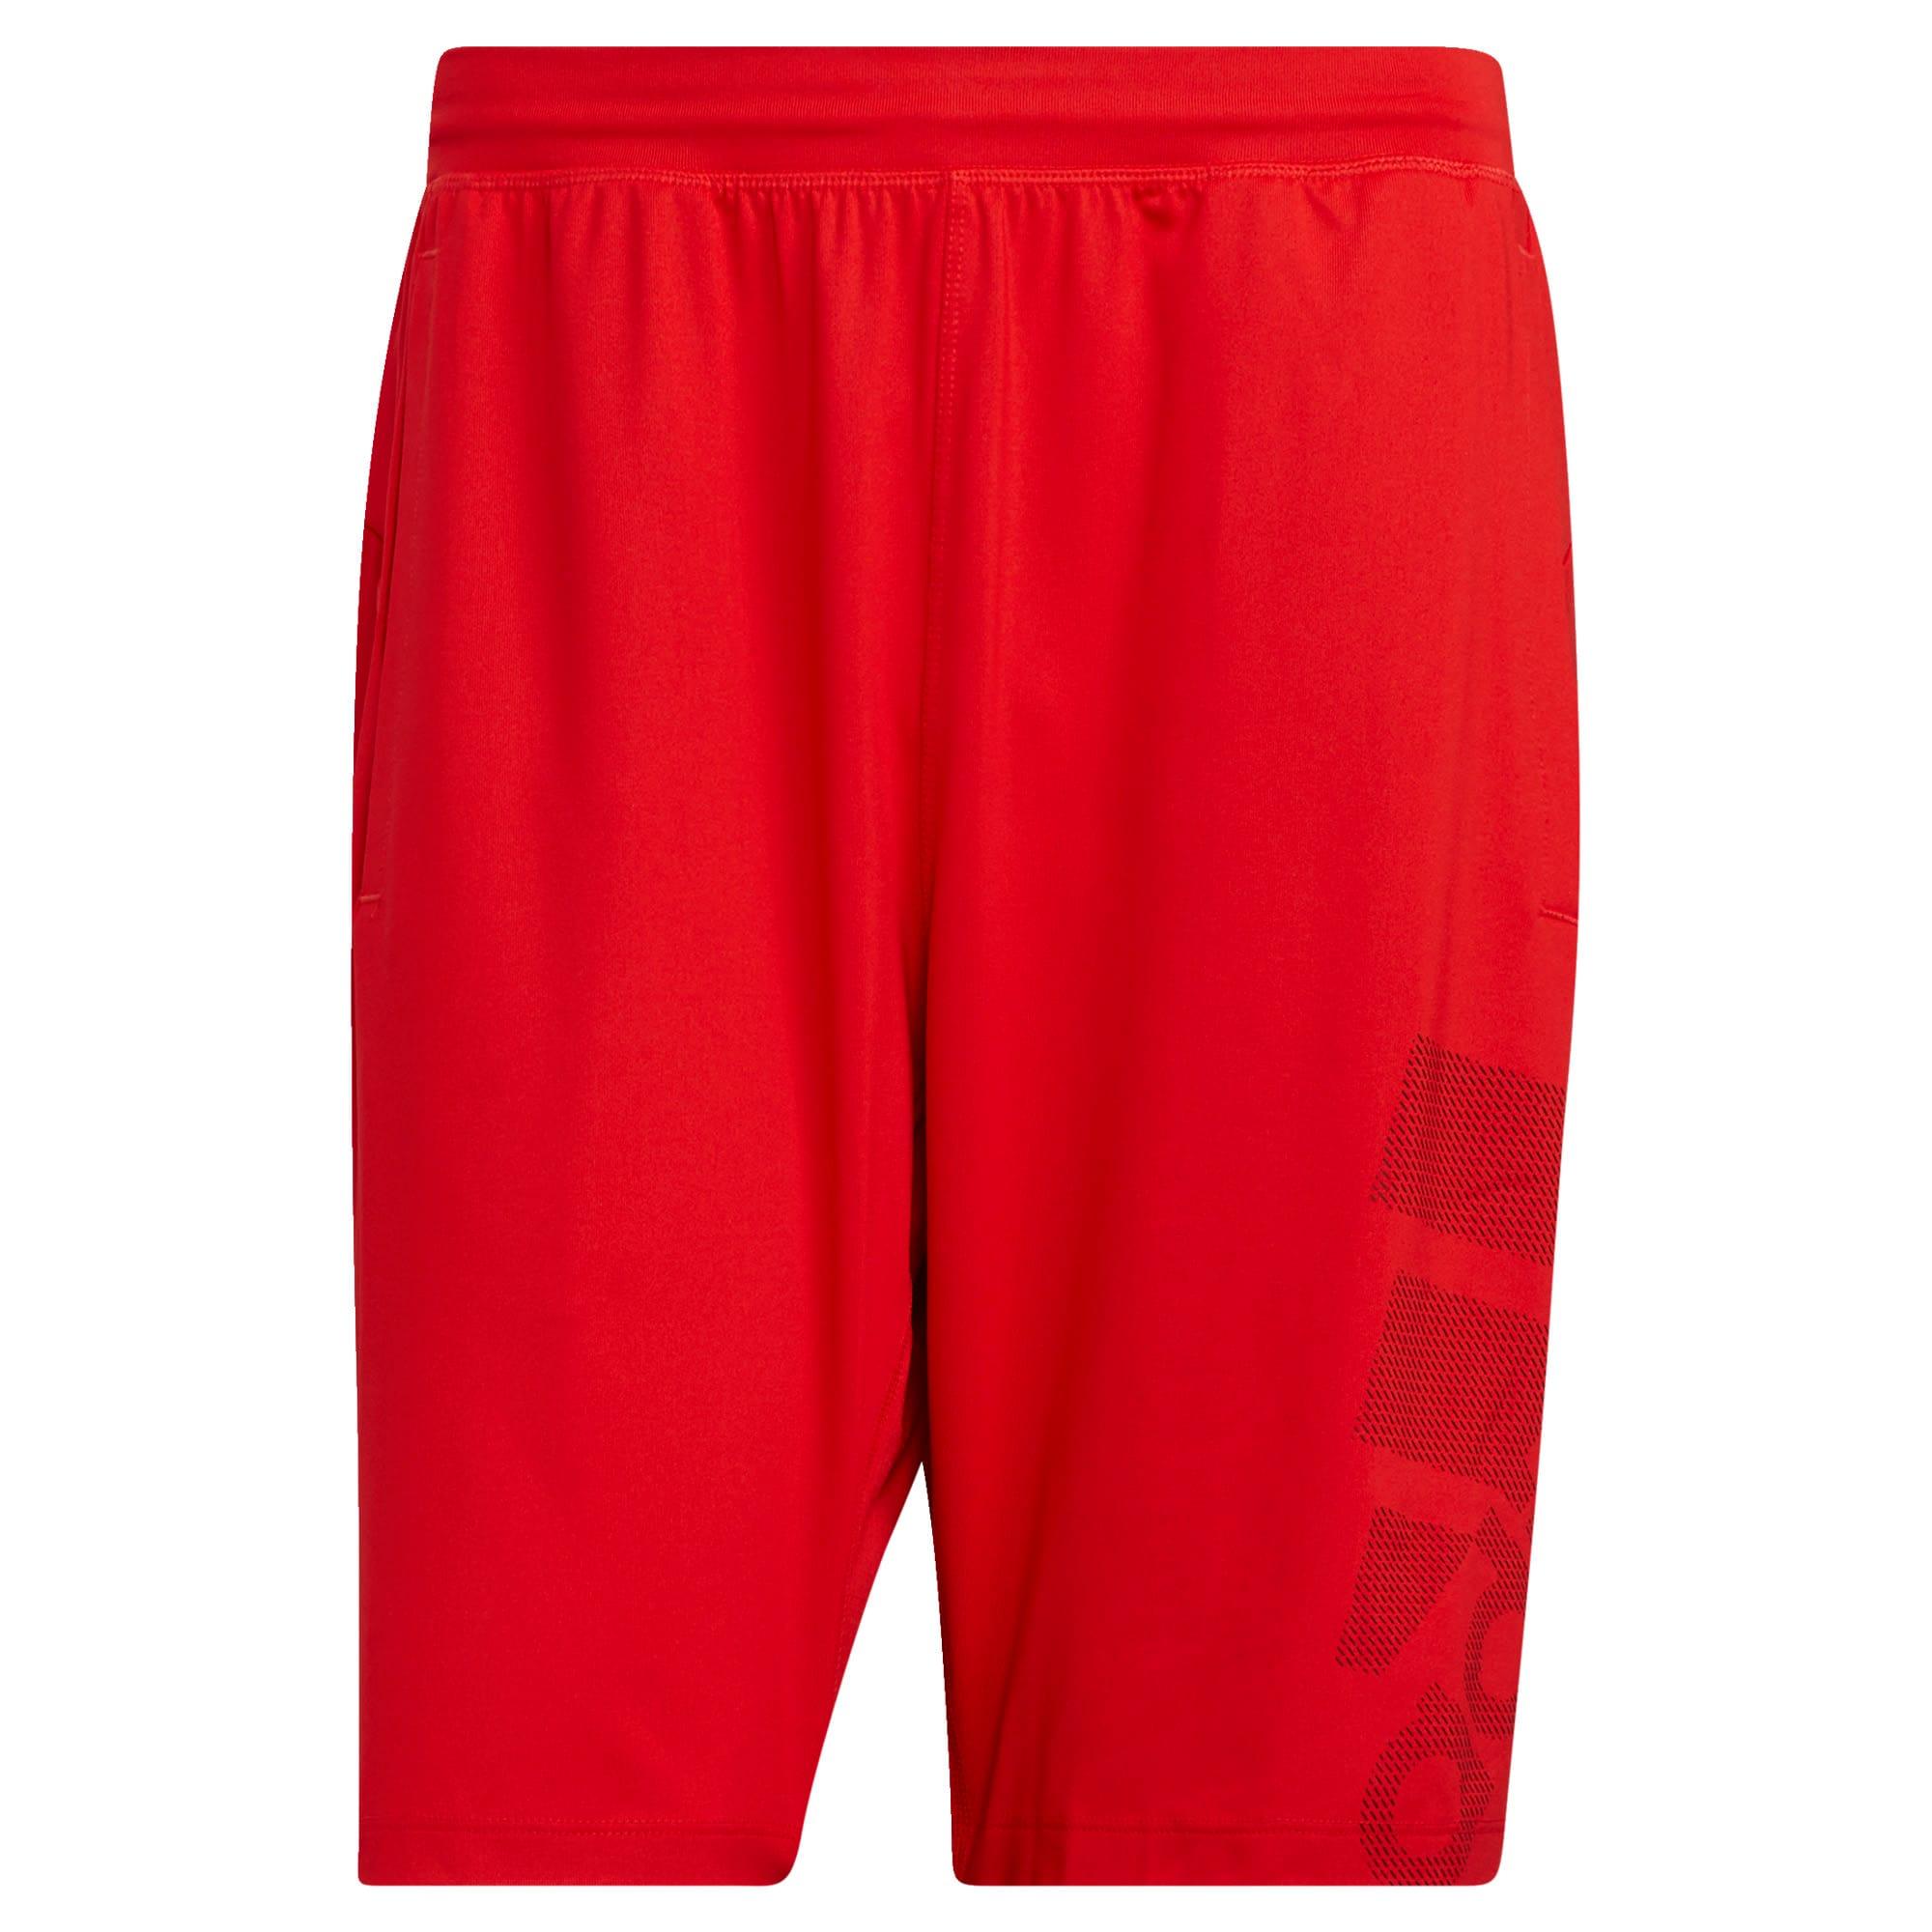 ADIDAS PERFORMANCE Sportinės kelnės juoda / šviesiai raudona